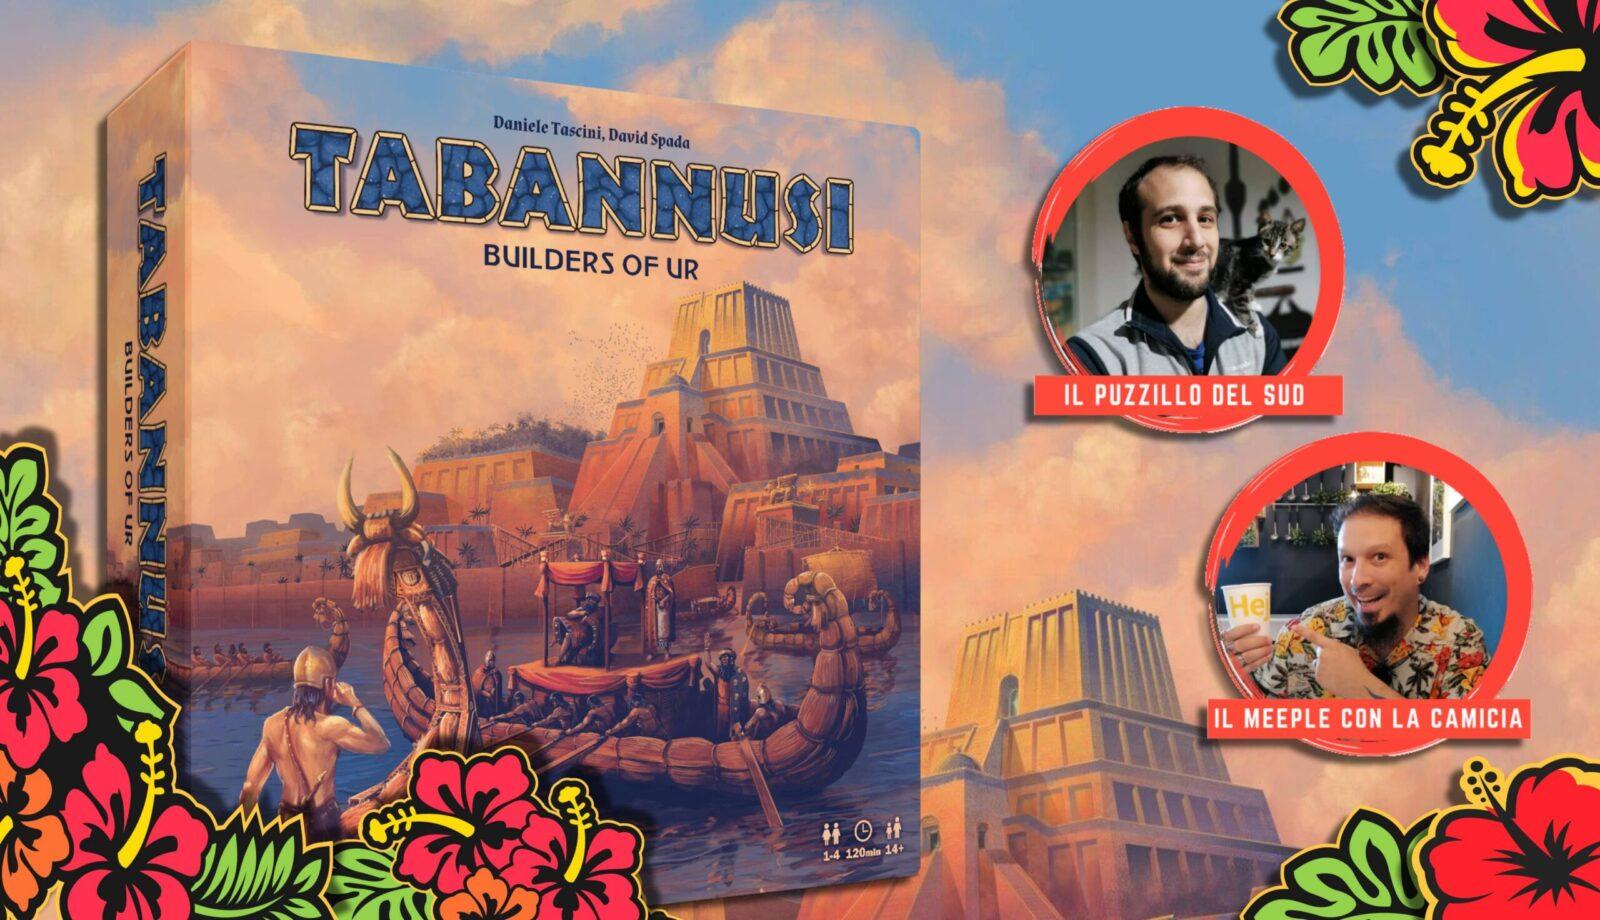 Tabannusi – I costruttori di Ur | Il mio parere con ospite il Puzzillo del Sud